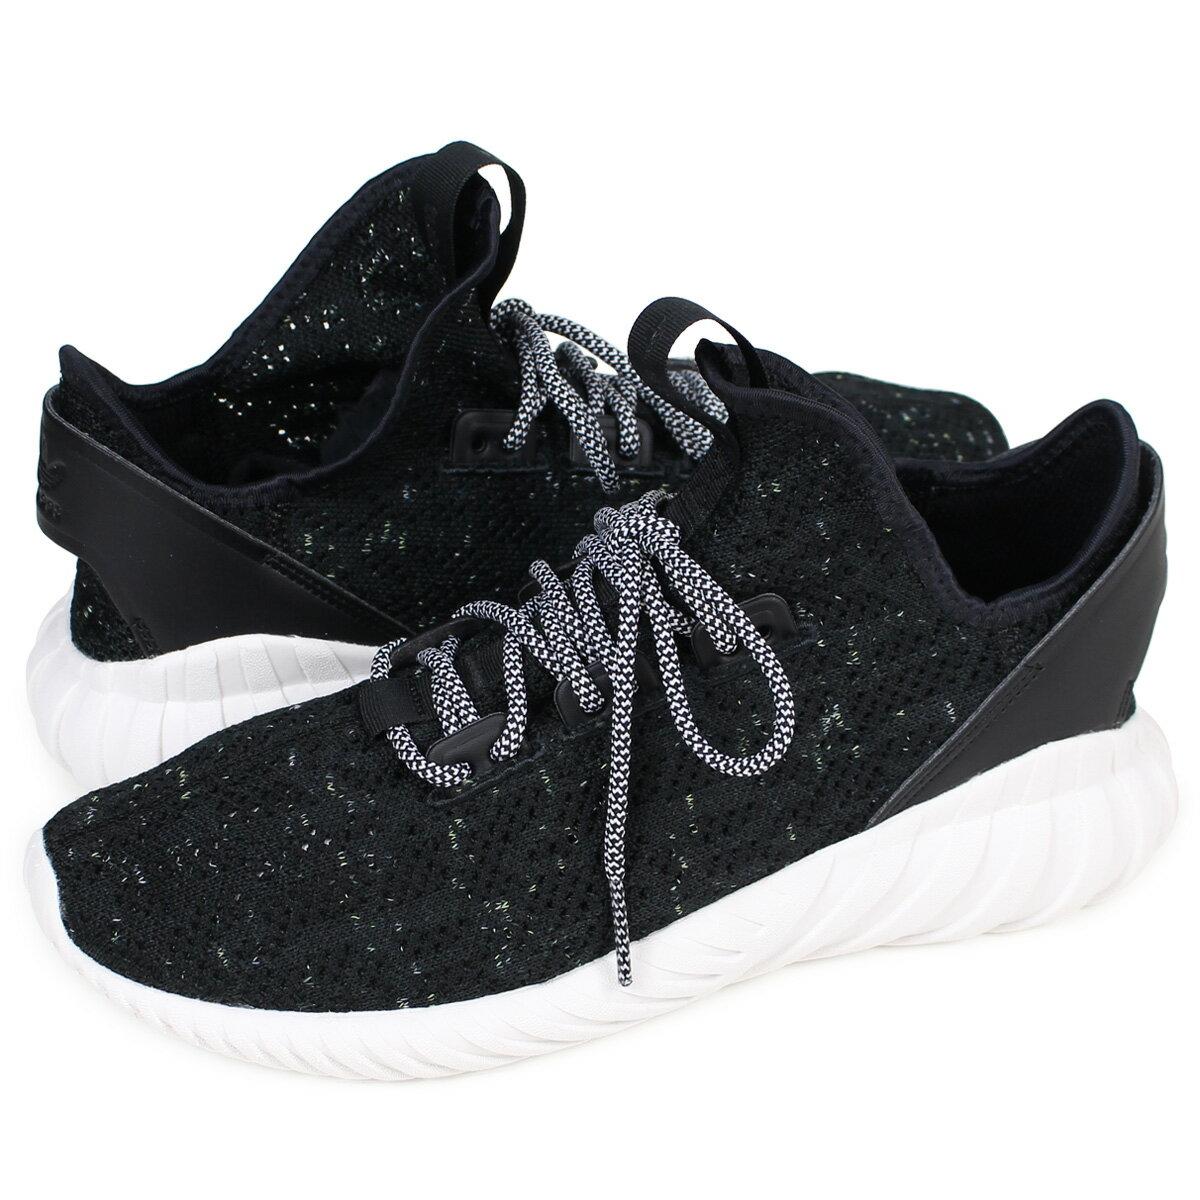 adidas originals TUBULAR DOOM SOCK PK アディダス チューブラー スニーカー メンズ CQ0940 靴 ブラック